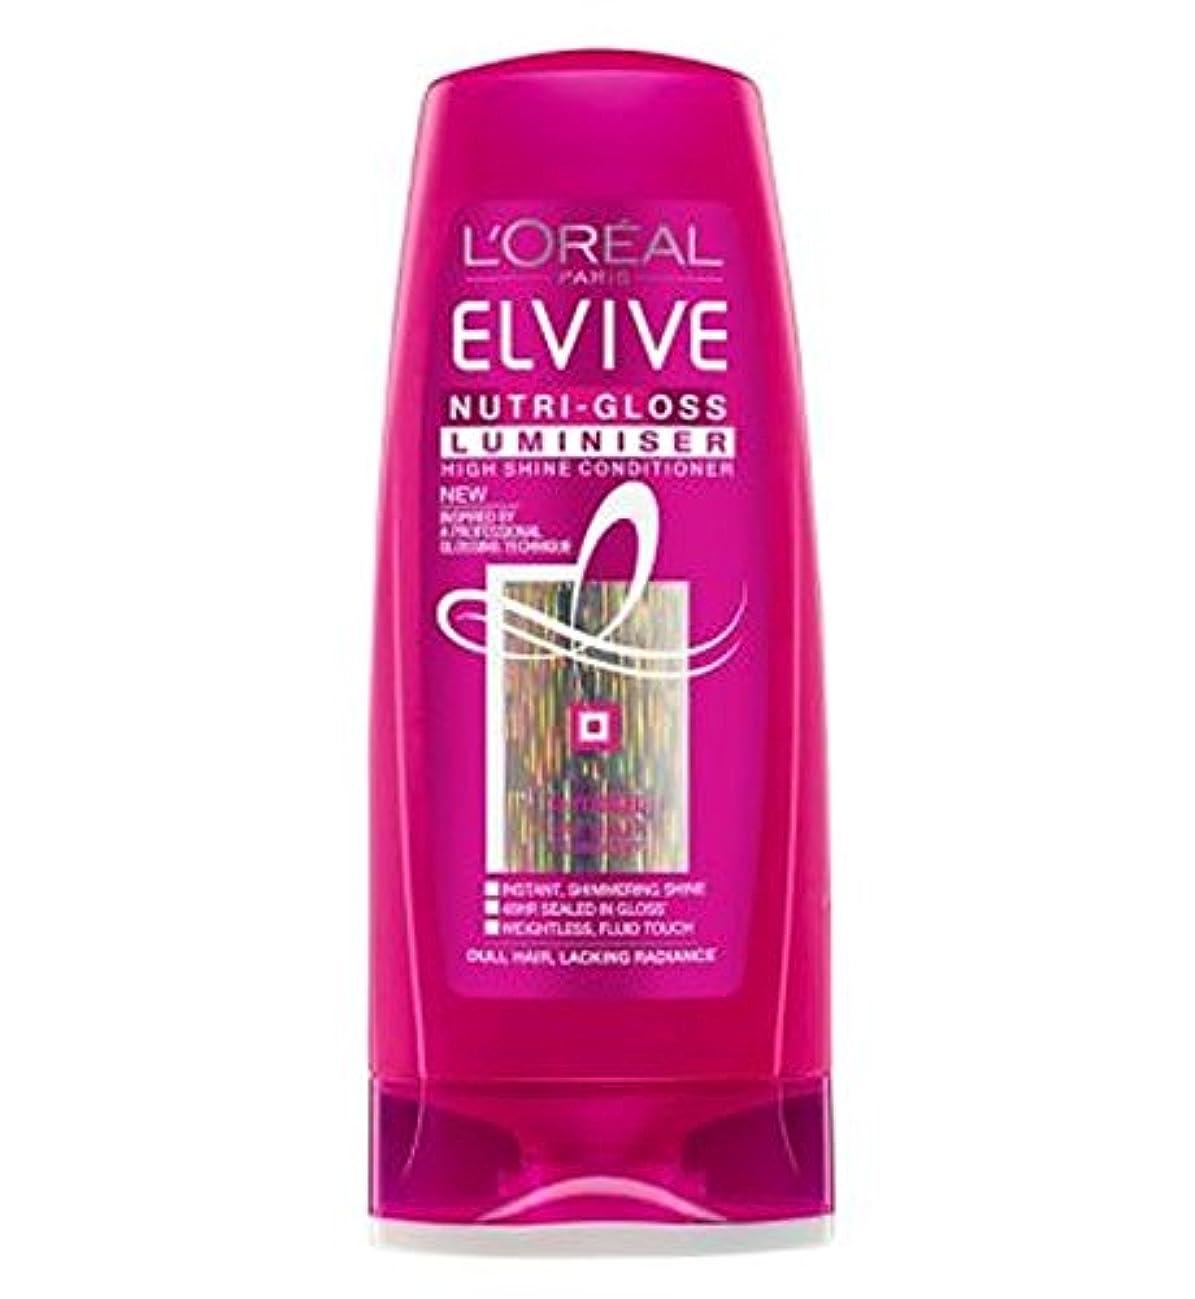 錆び称賛コントロールロレアルElviveニュートリグロスLuminiserコンディショナー250ミリリットル (L'Oreal) (x2) - L'Oreal Elvive Nutri-Gloss Luminiser Conditioner...